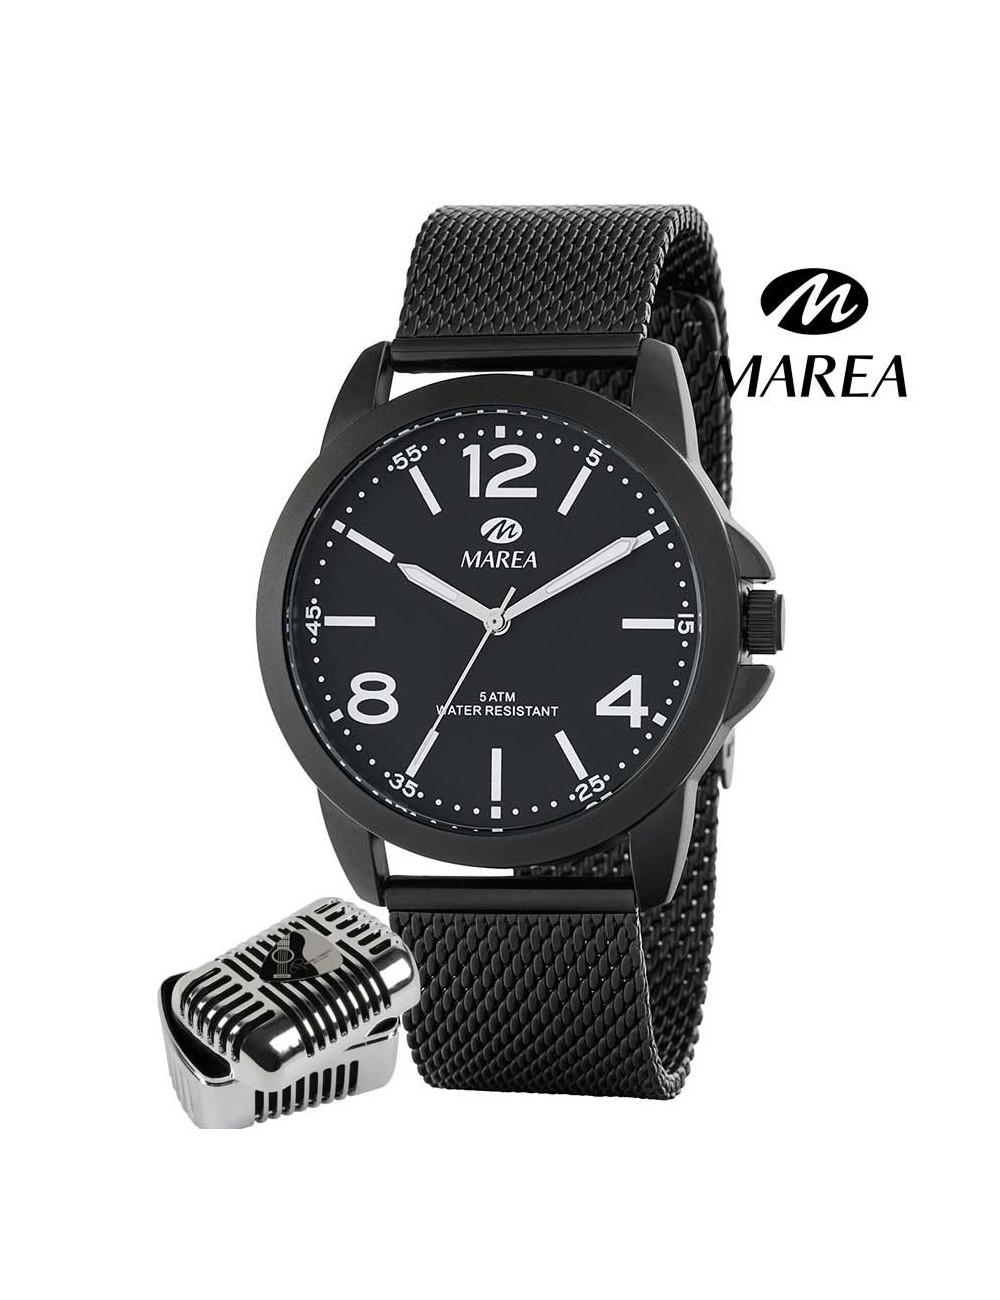 zapatillas de deporte para baratas 3ee91 e88a4 Reloj Marea Manuel Carrasco cadena malla hombre B41219-3 negro